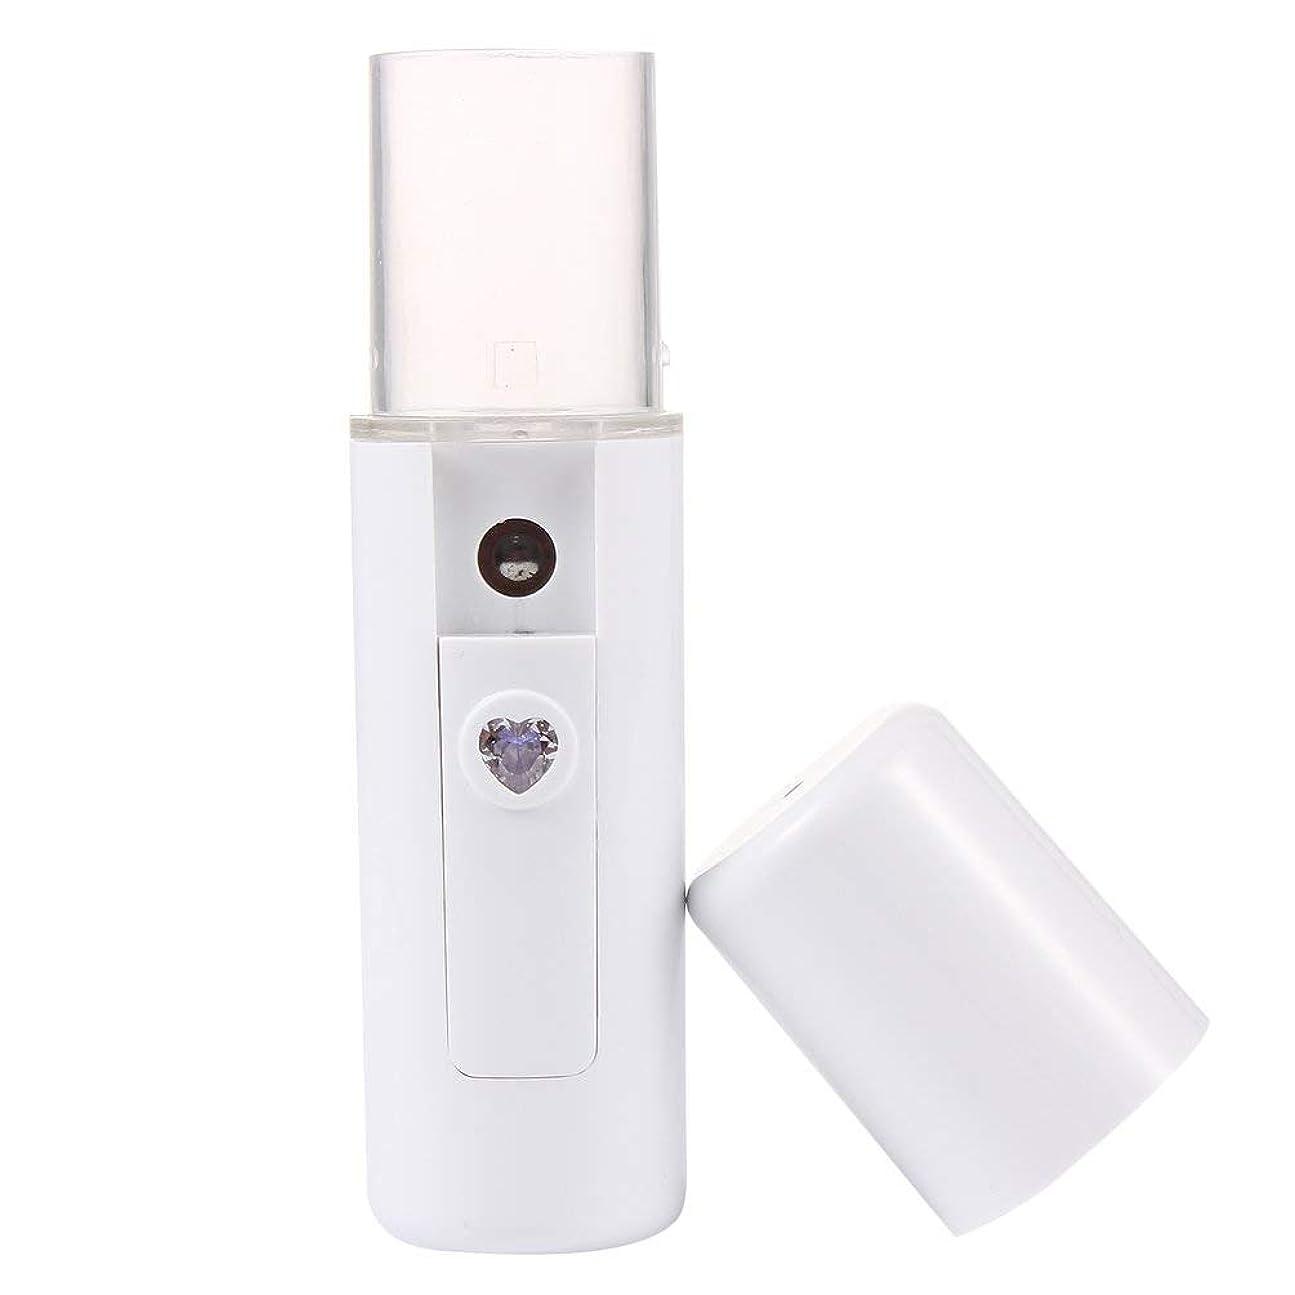 ポイント見習いより平らなL3 USB充電式ウォータースプレーポータブルフェイシャルモイスチャライジング美容機器フェイシャルスプレーマシン蒸し装置 - ホワイト